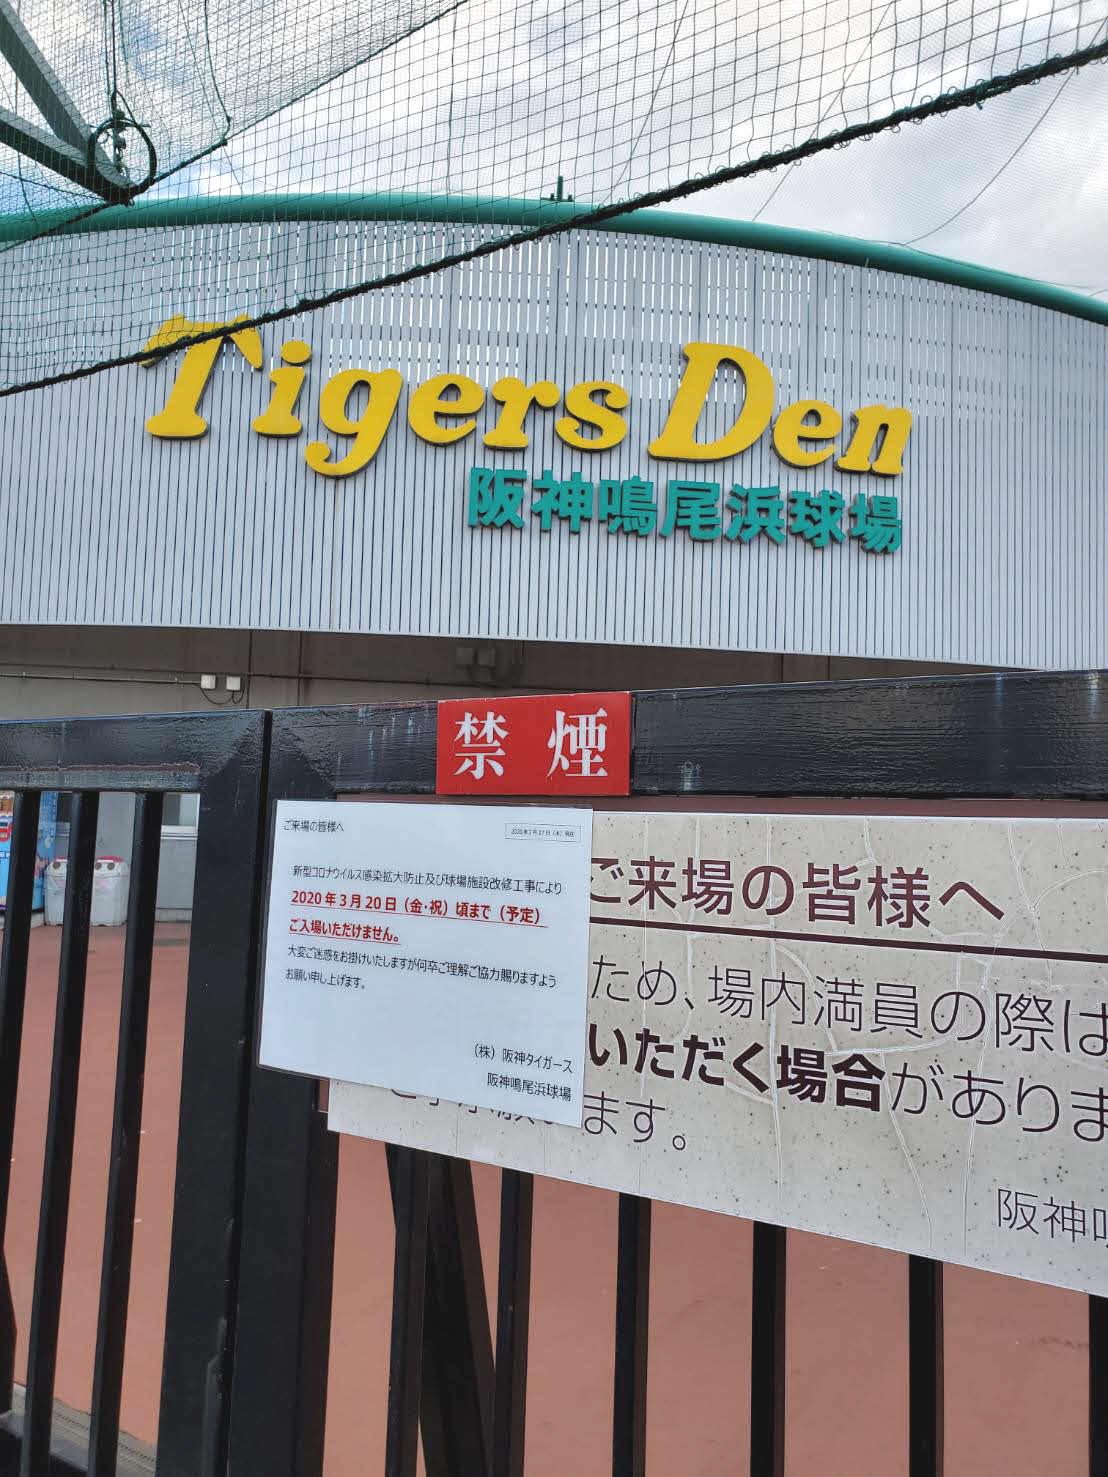 新型コロナウイルスの影響などで来場禁止となった鳴尾浜球場入り口にはファンへのお知らせが掲示された